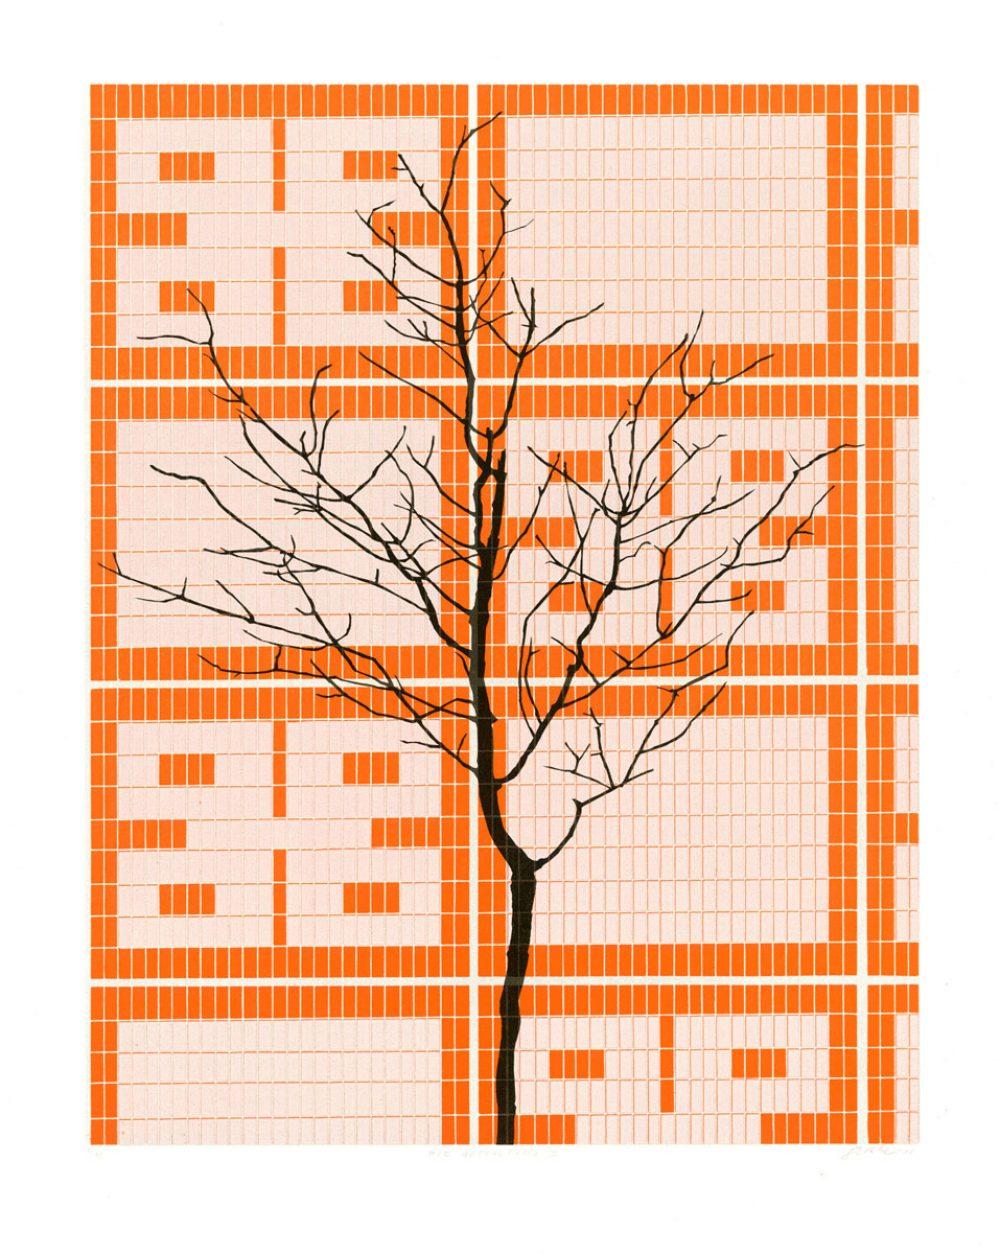 Die Gestaltung 2 (2015), 51 x 40 cm, Linolschnitt auf Papier, Ed. 10